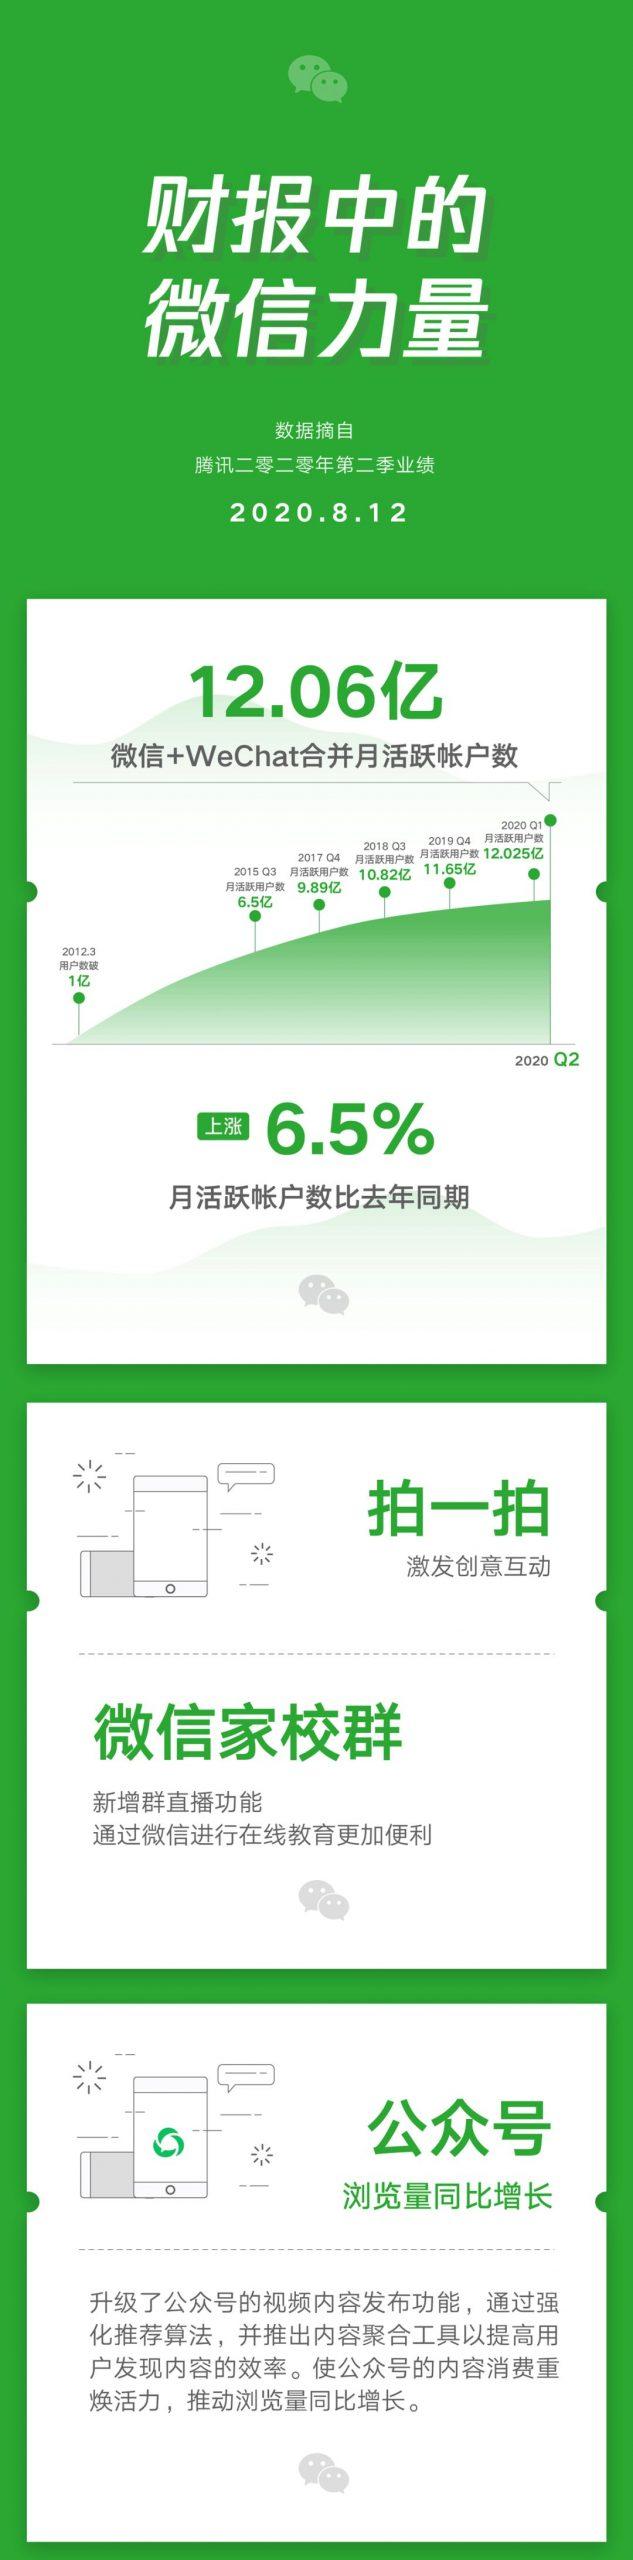 """腾讯最新财报:""""小商店""""助推长尾商家数字化"""